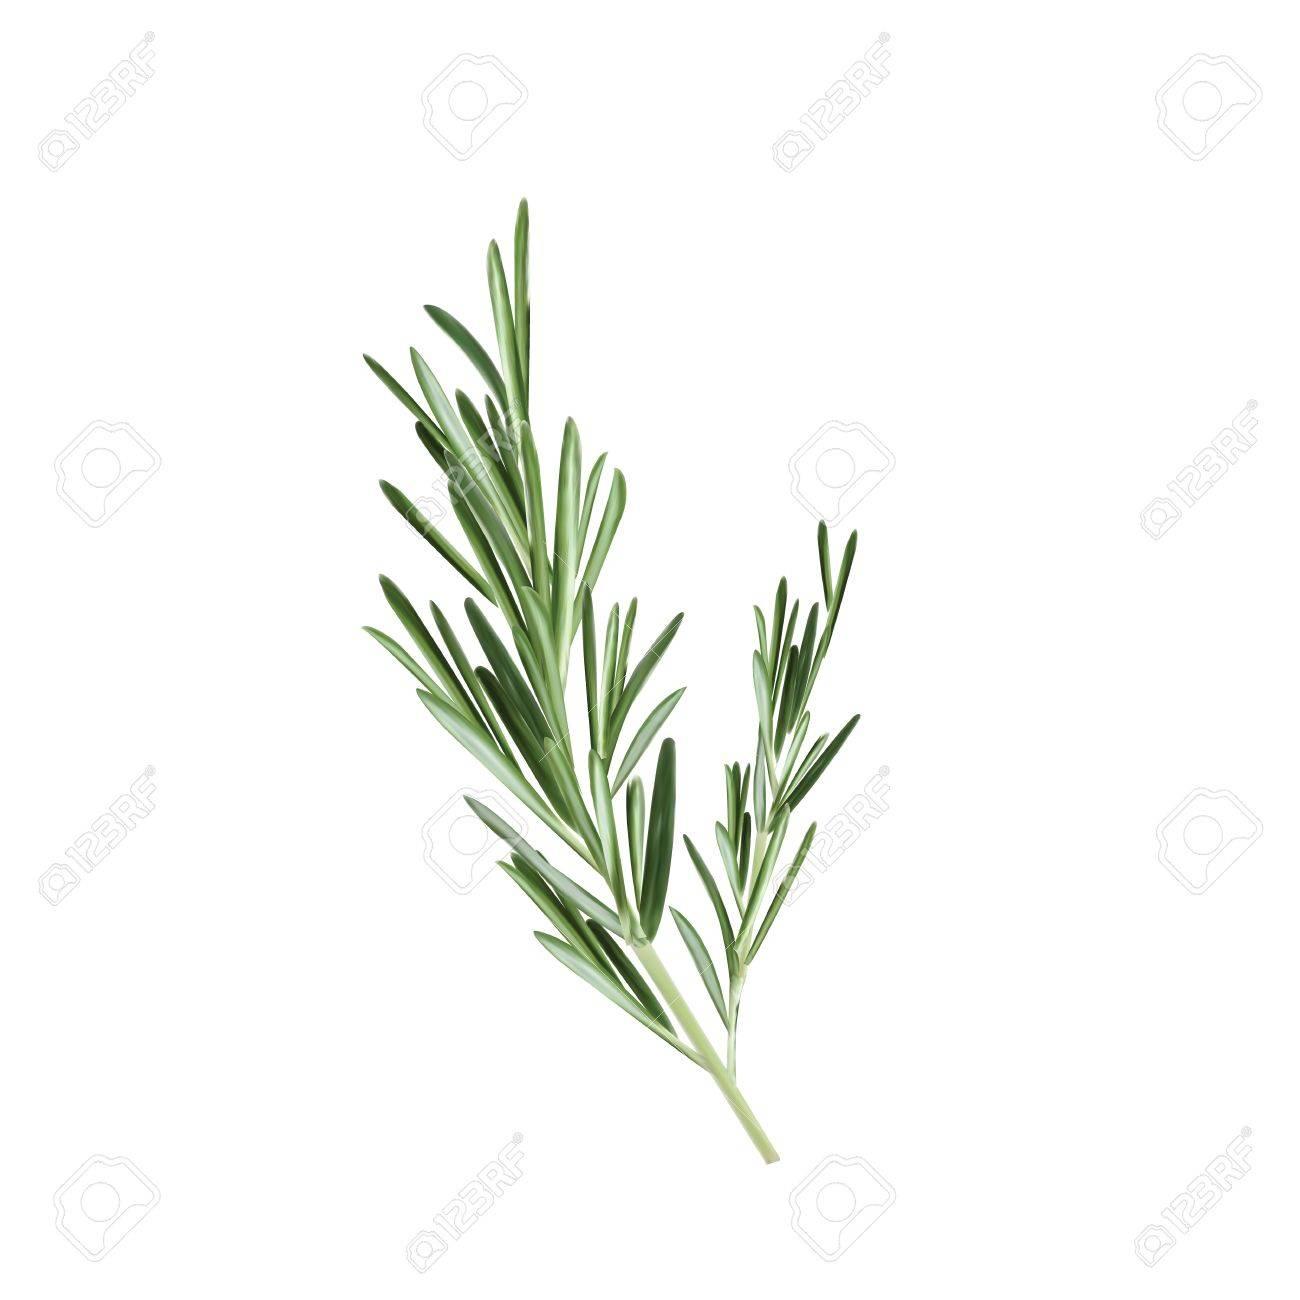 Fullsize Of Sprig Of Rosemary